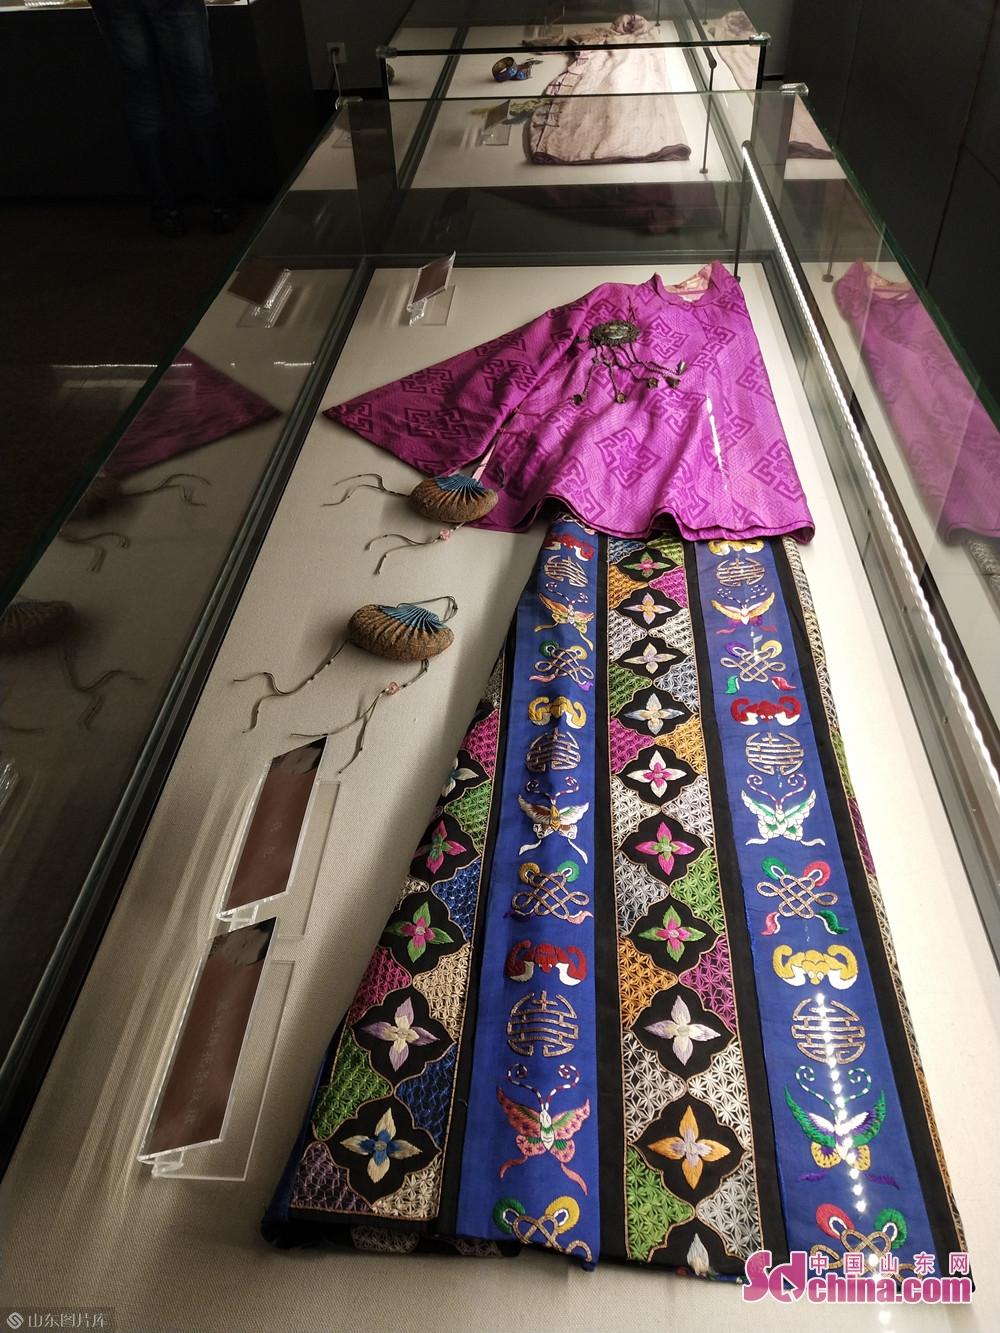 <br/>  为让现代观众感受体会古代、近代女子在传统生活中对时尚的追求,潍坊市博物馆作为潍坊市公共文化服务的主阵地,秉承高质量、高规格、高级别办展理念,突出展览的重要性、学术性、特色性,从女性展览题材进行了大胆尝试,策划打造了《&amp;ldquo;绮罗粉黛&amp;rdquo;中国古代、近代女子妆裳掠影展》,让博物馆的文化成果惠及更多市民,也为潍坊文化名市建设做出了积极贡献。<br/>